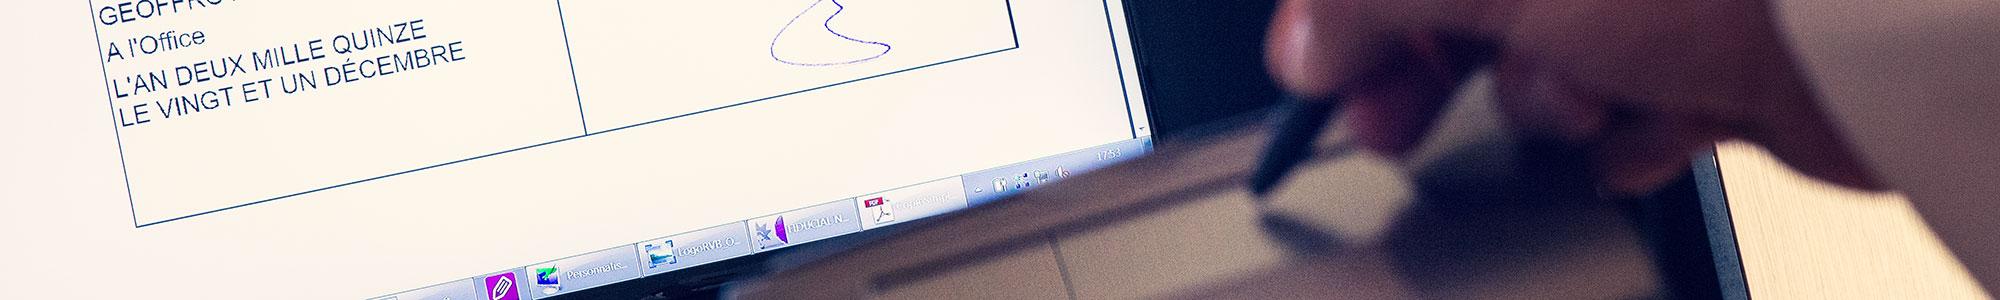 Office notarial de betton d couvrez l acte authentique lectronique - Office notarial de betton ...